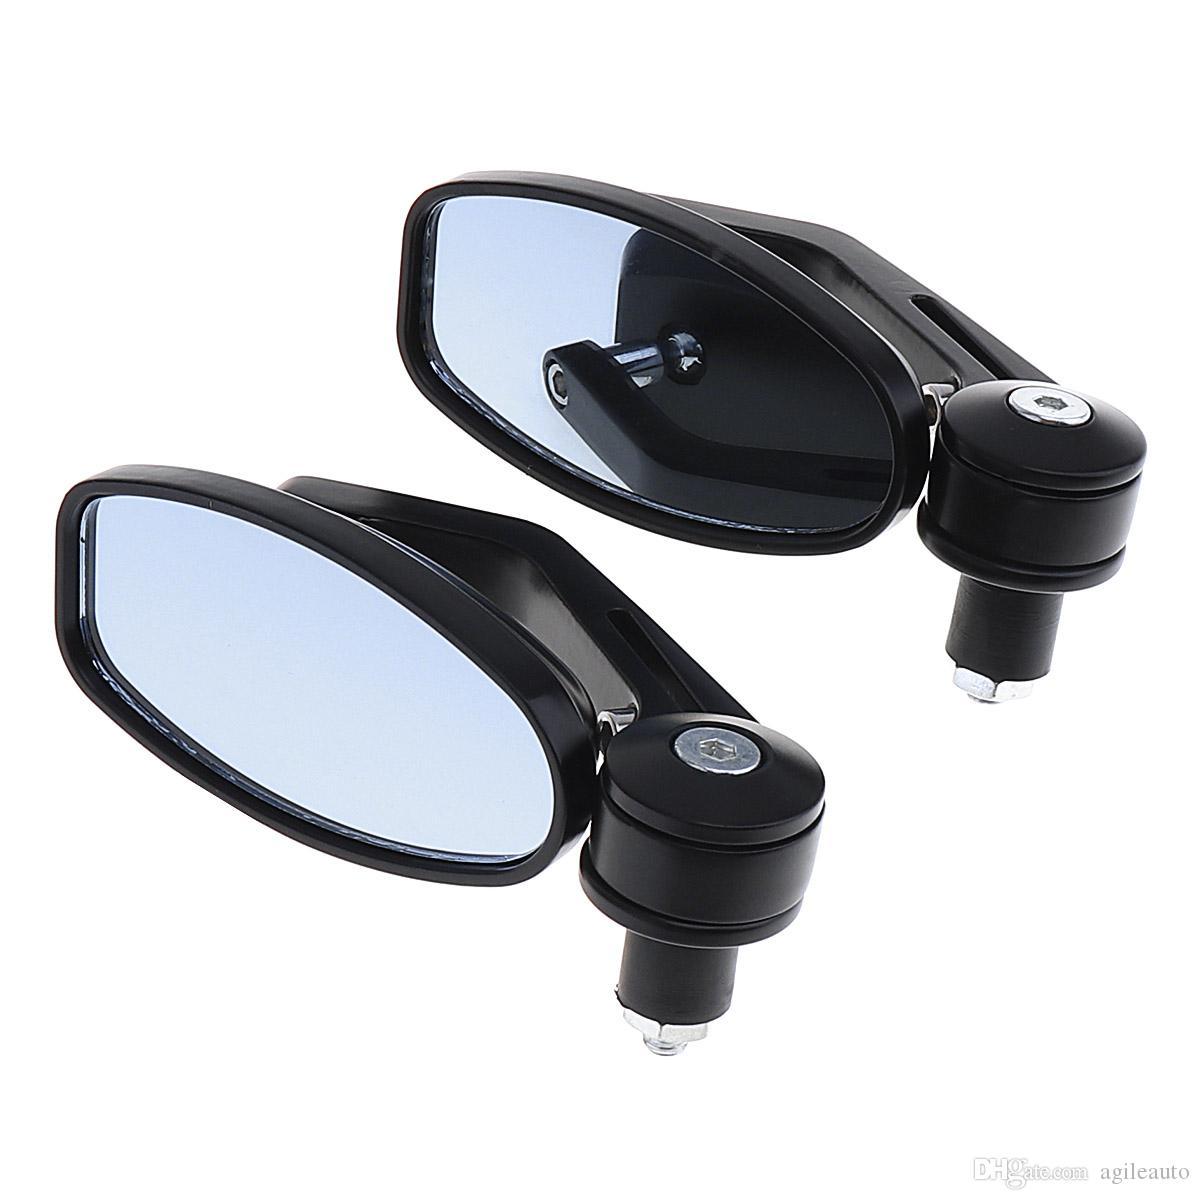 2 adet 22mm Modifiye Tüm Alüminyum Kiraz 219 Evrensel Motosiklet Dikiz Aynası Yan Aynalar için Motosiklet MFF_20E